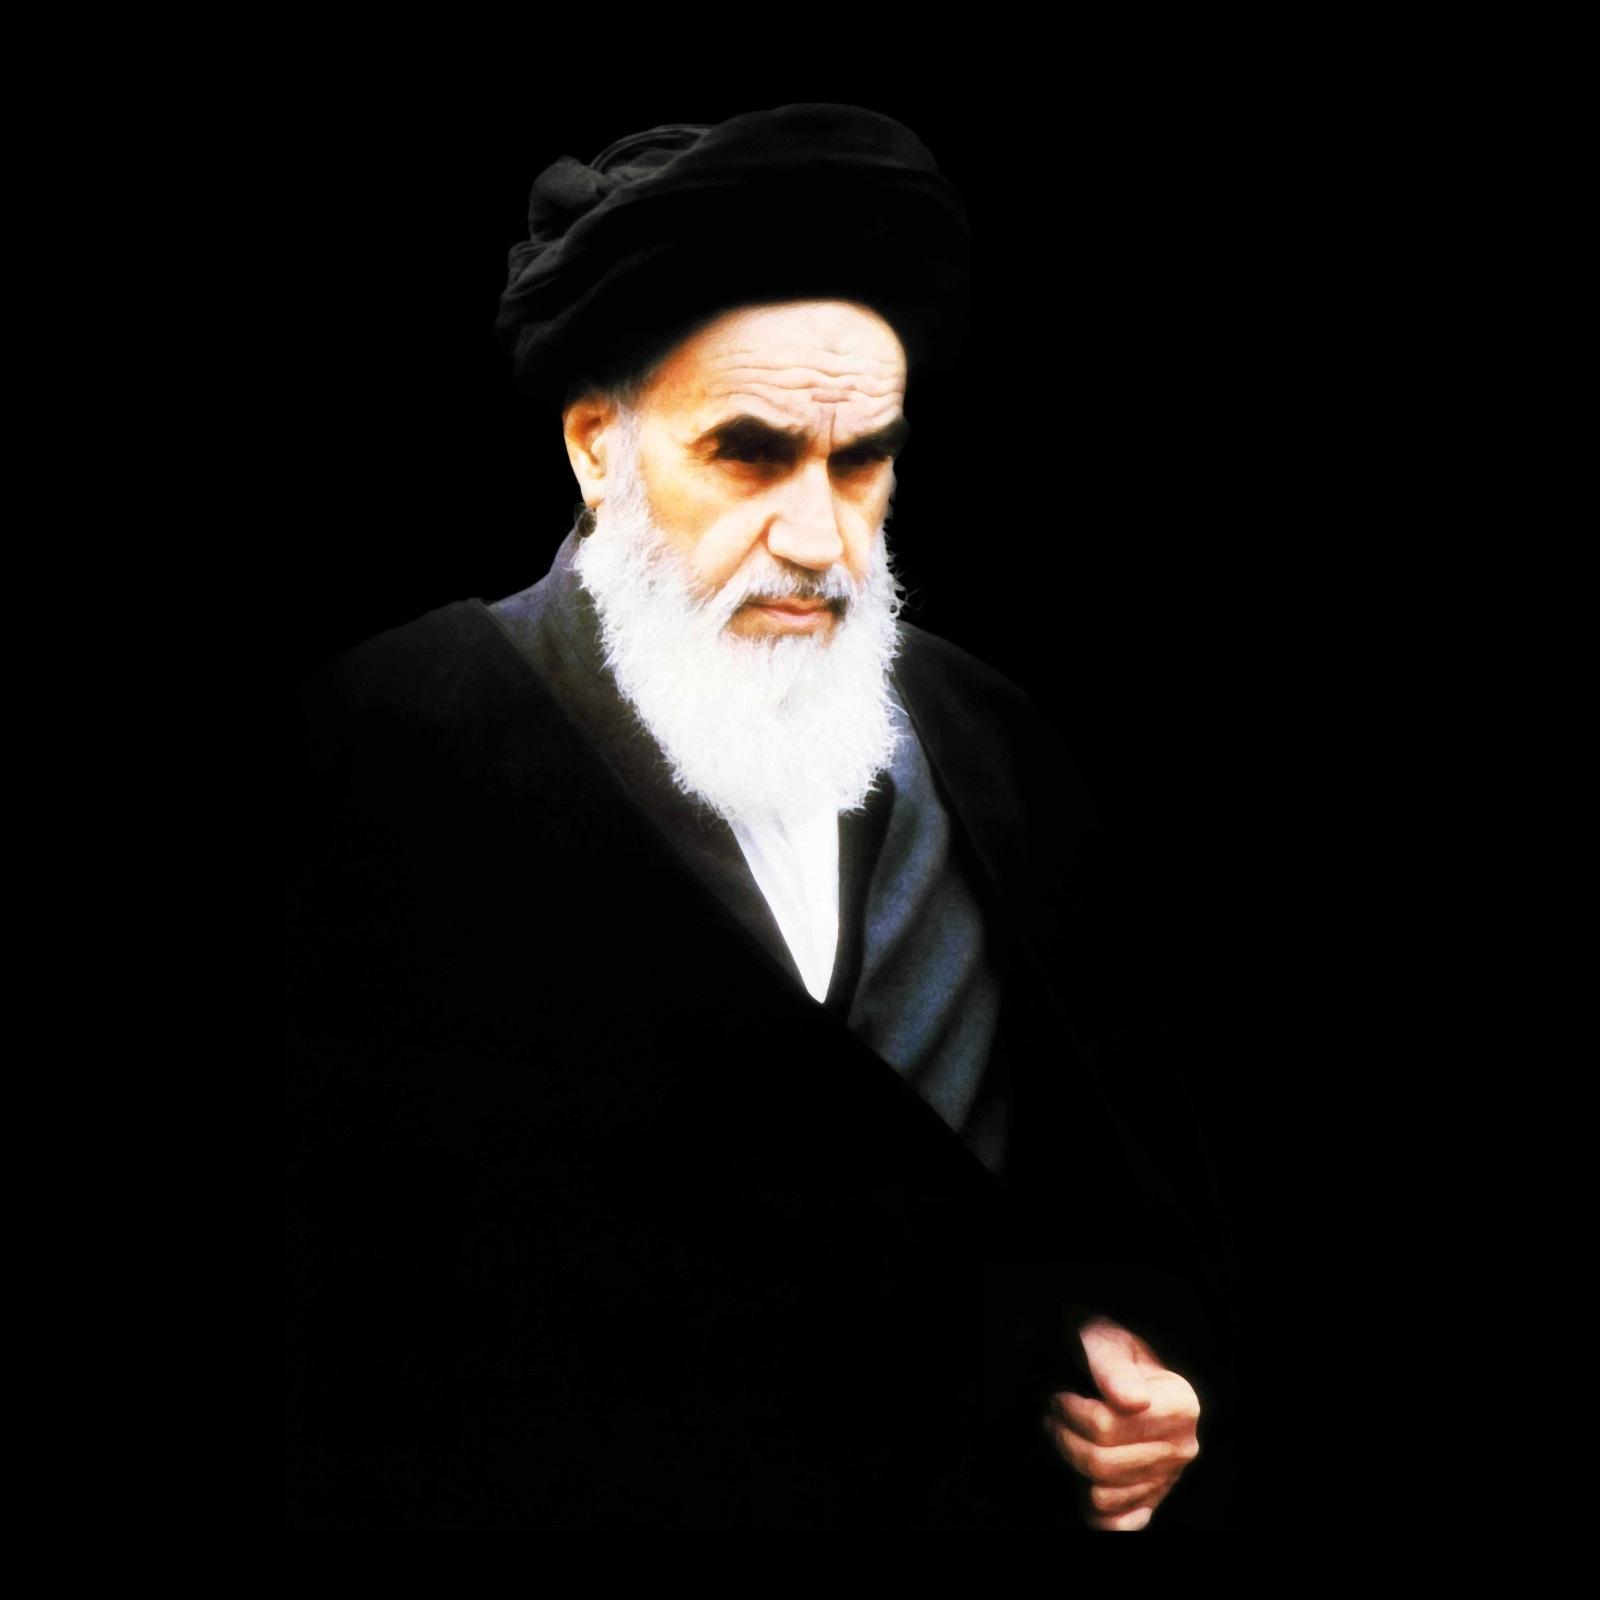 تصویر از بانکداری بدون ربا؛ آرمانی که امام میخواست